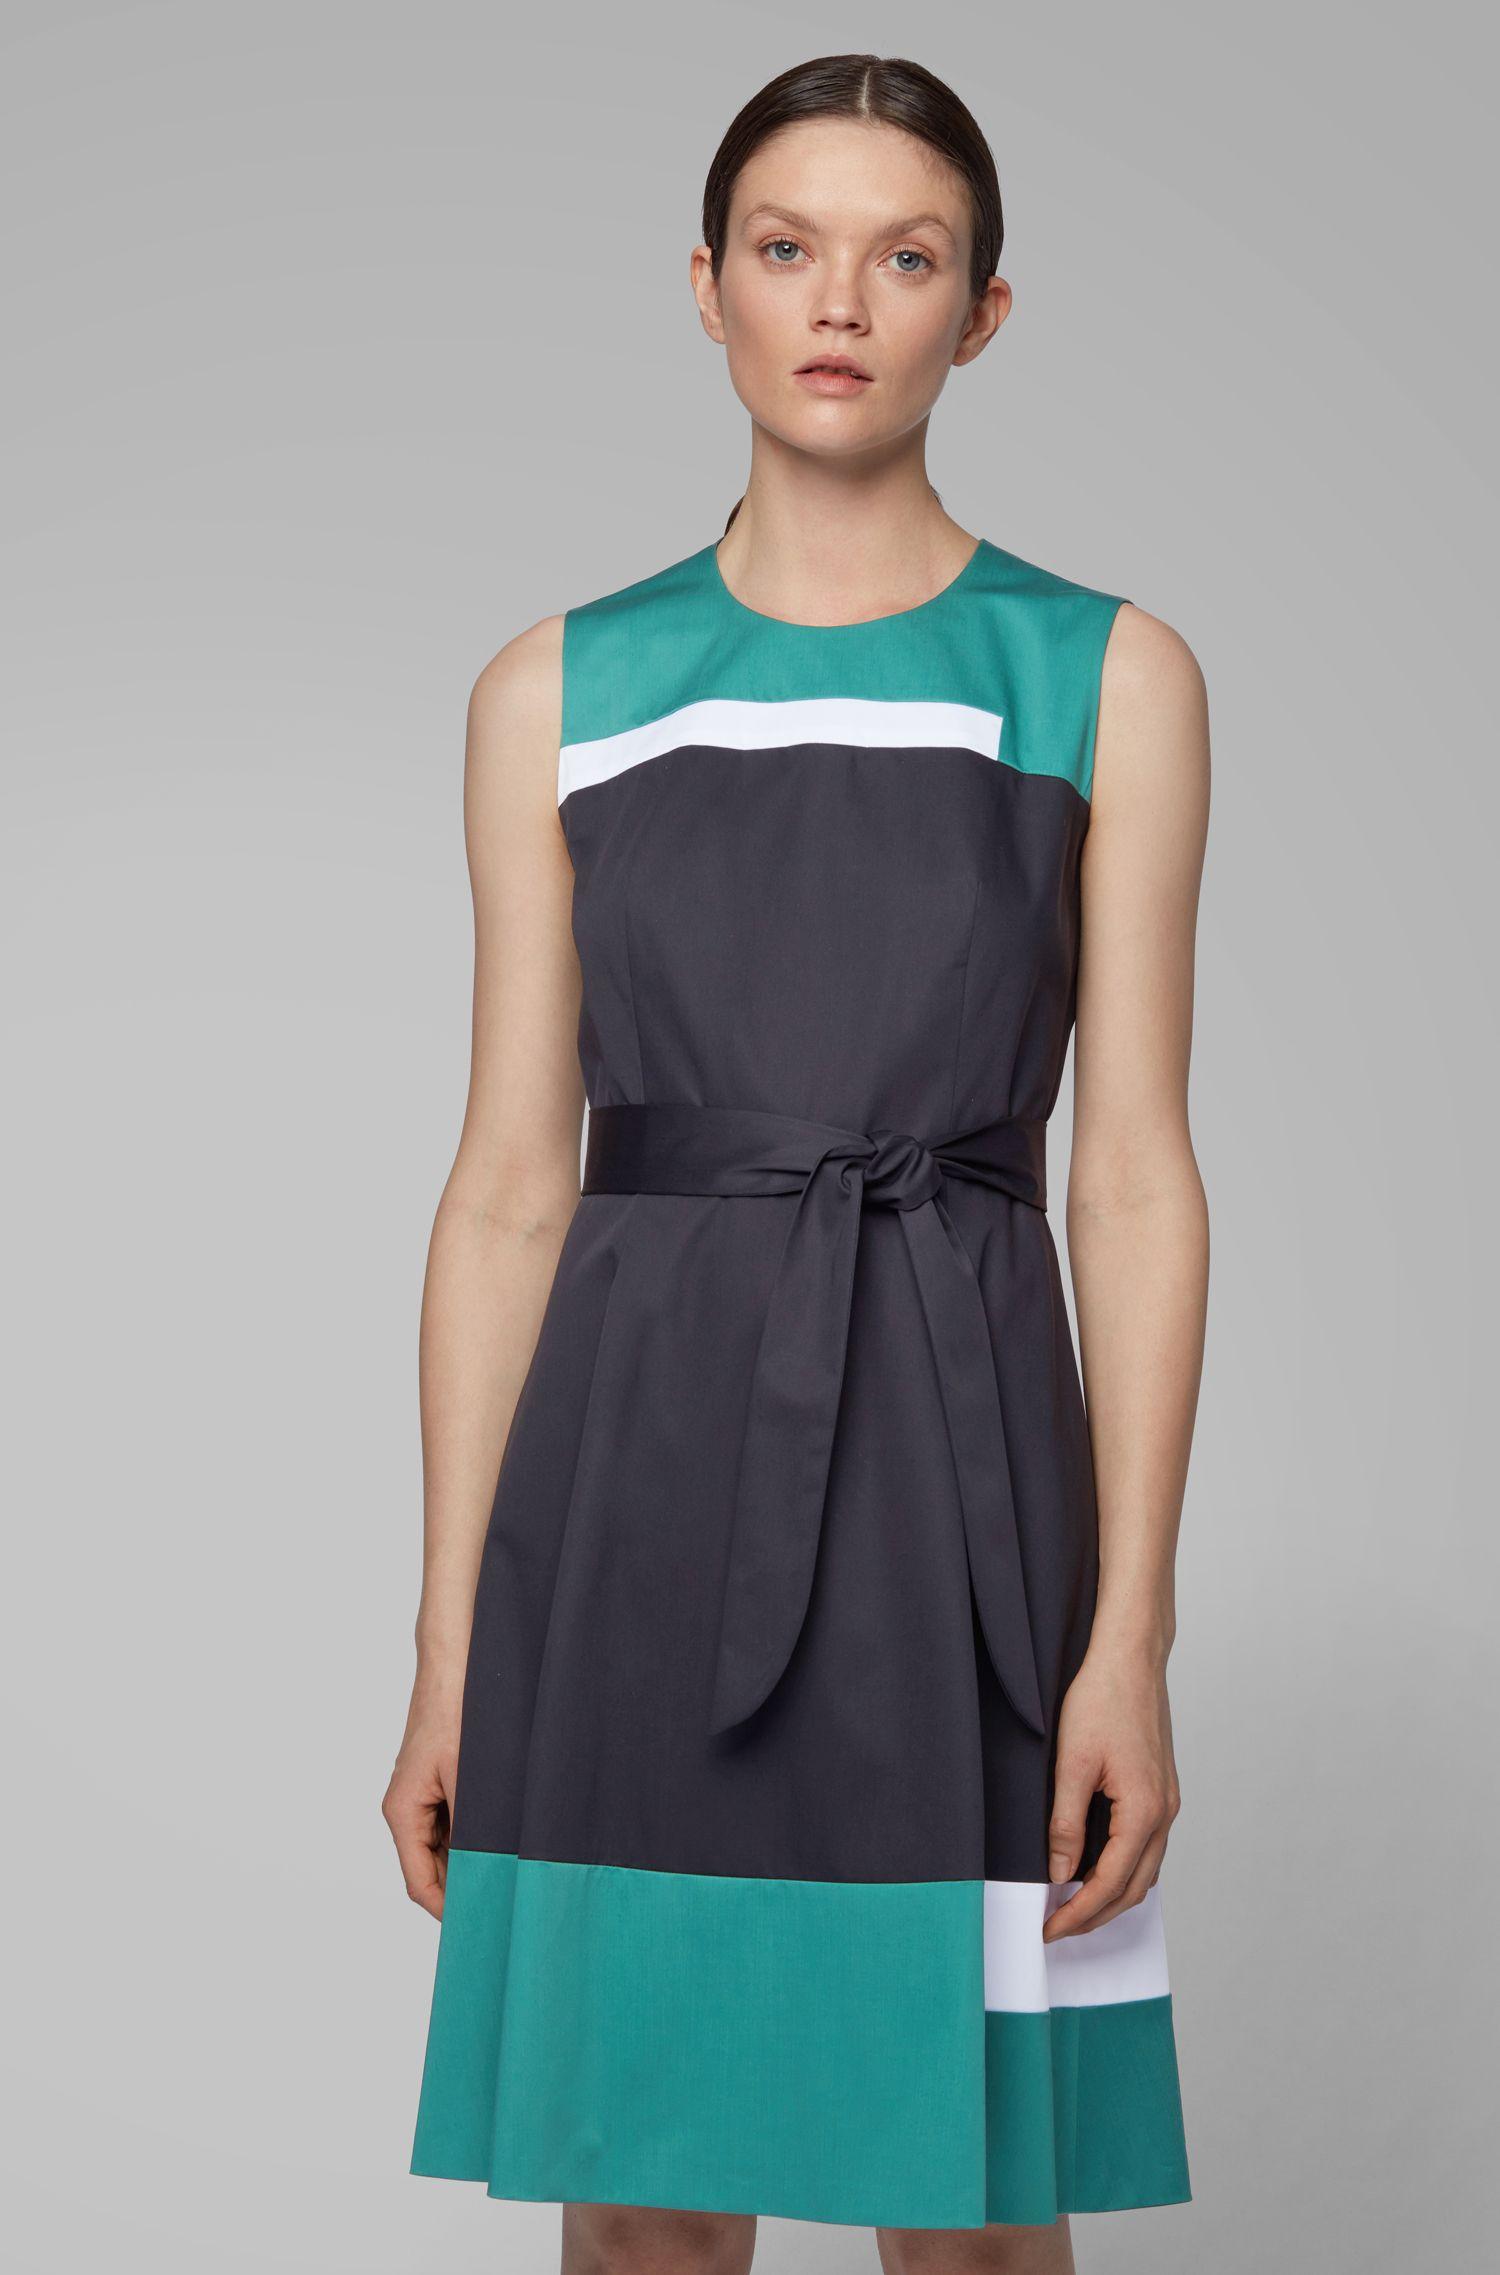 Ärmelloses Kleid aus Baumwolle mit Satin-Finish und Bindegürtel, Blau